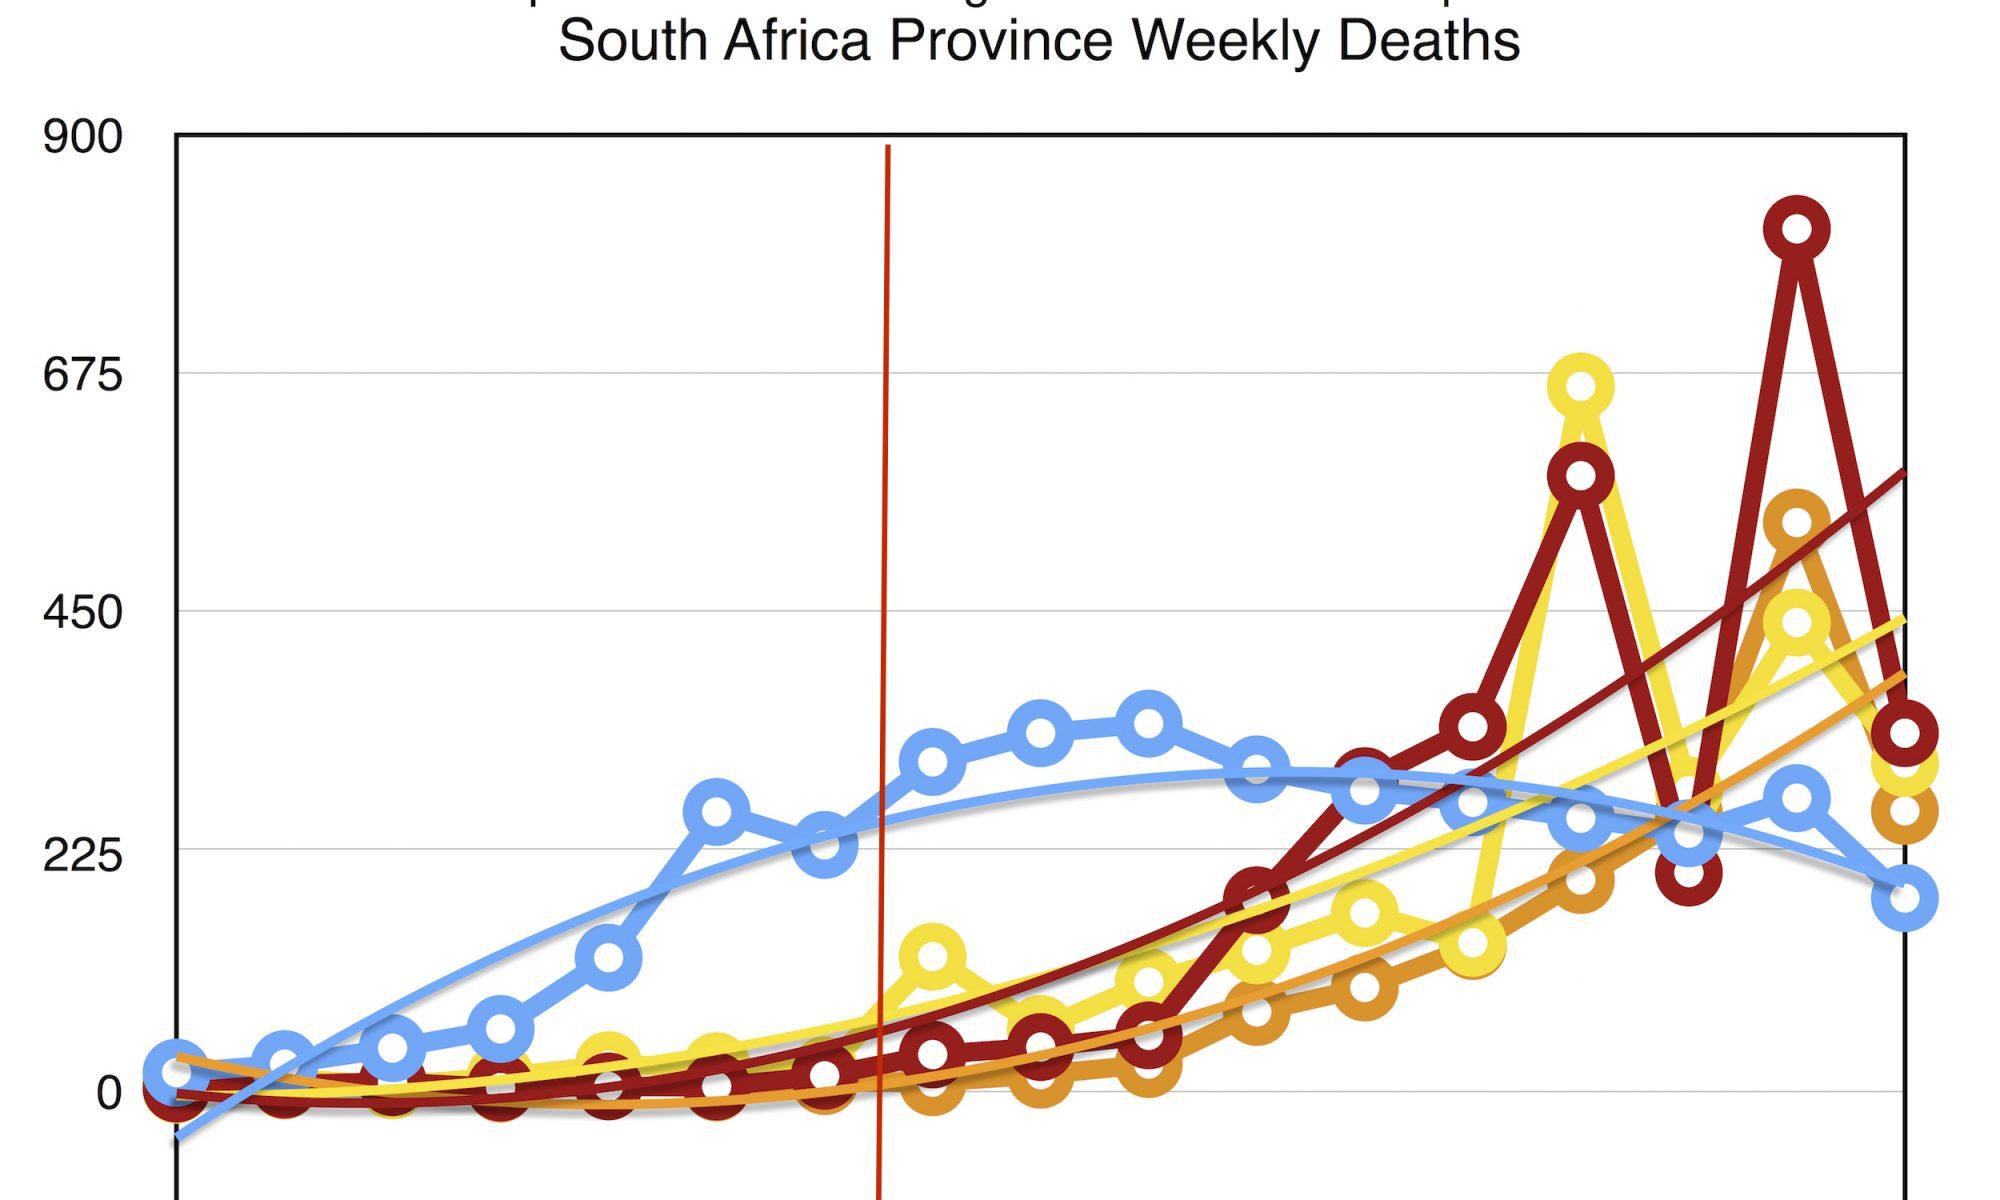 Comparison with Western Cape Coronavirus Model.